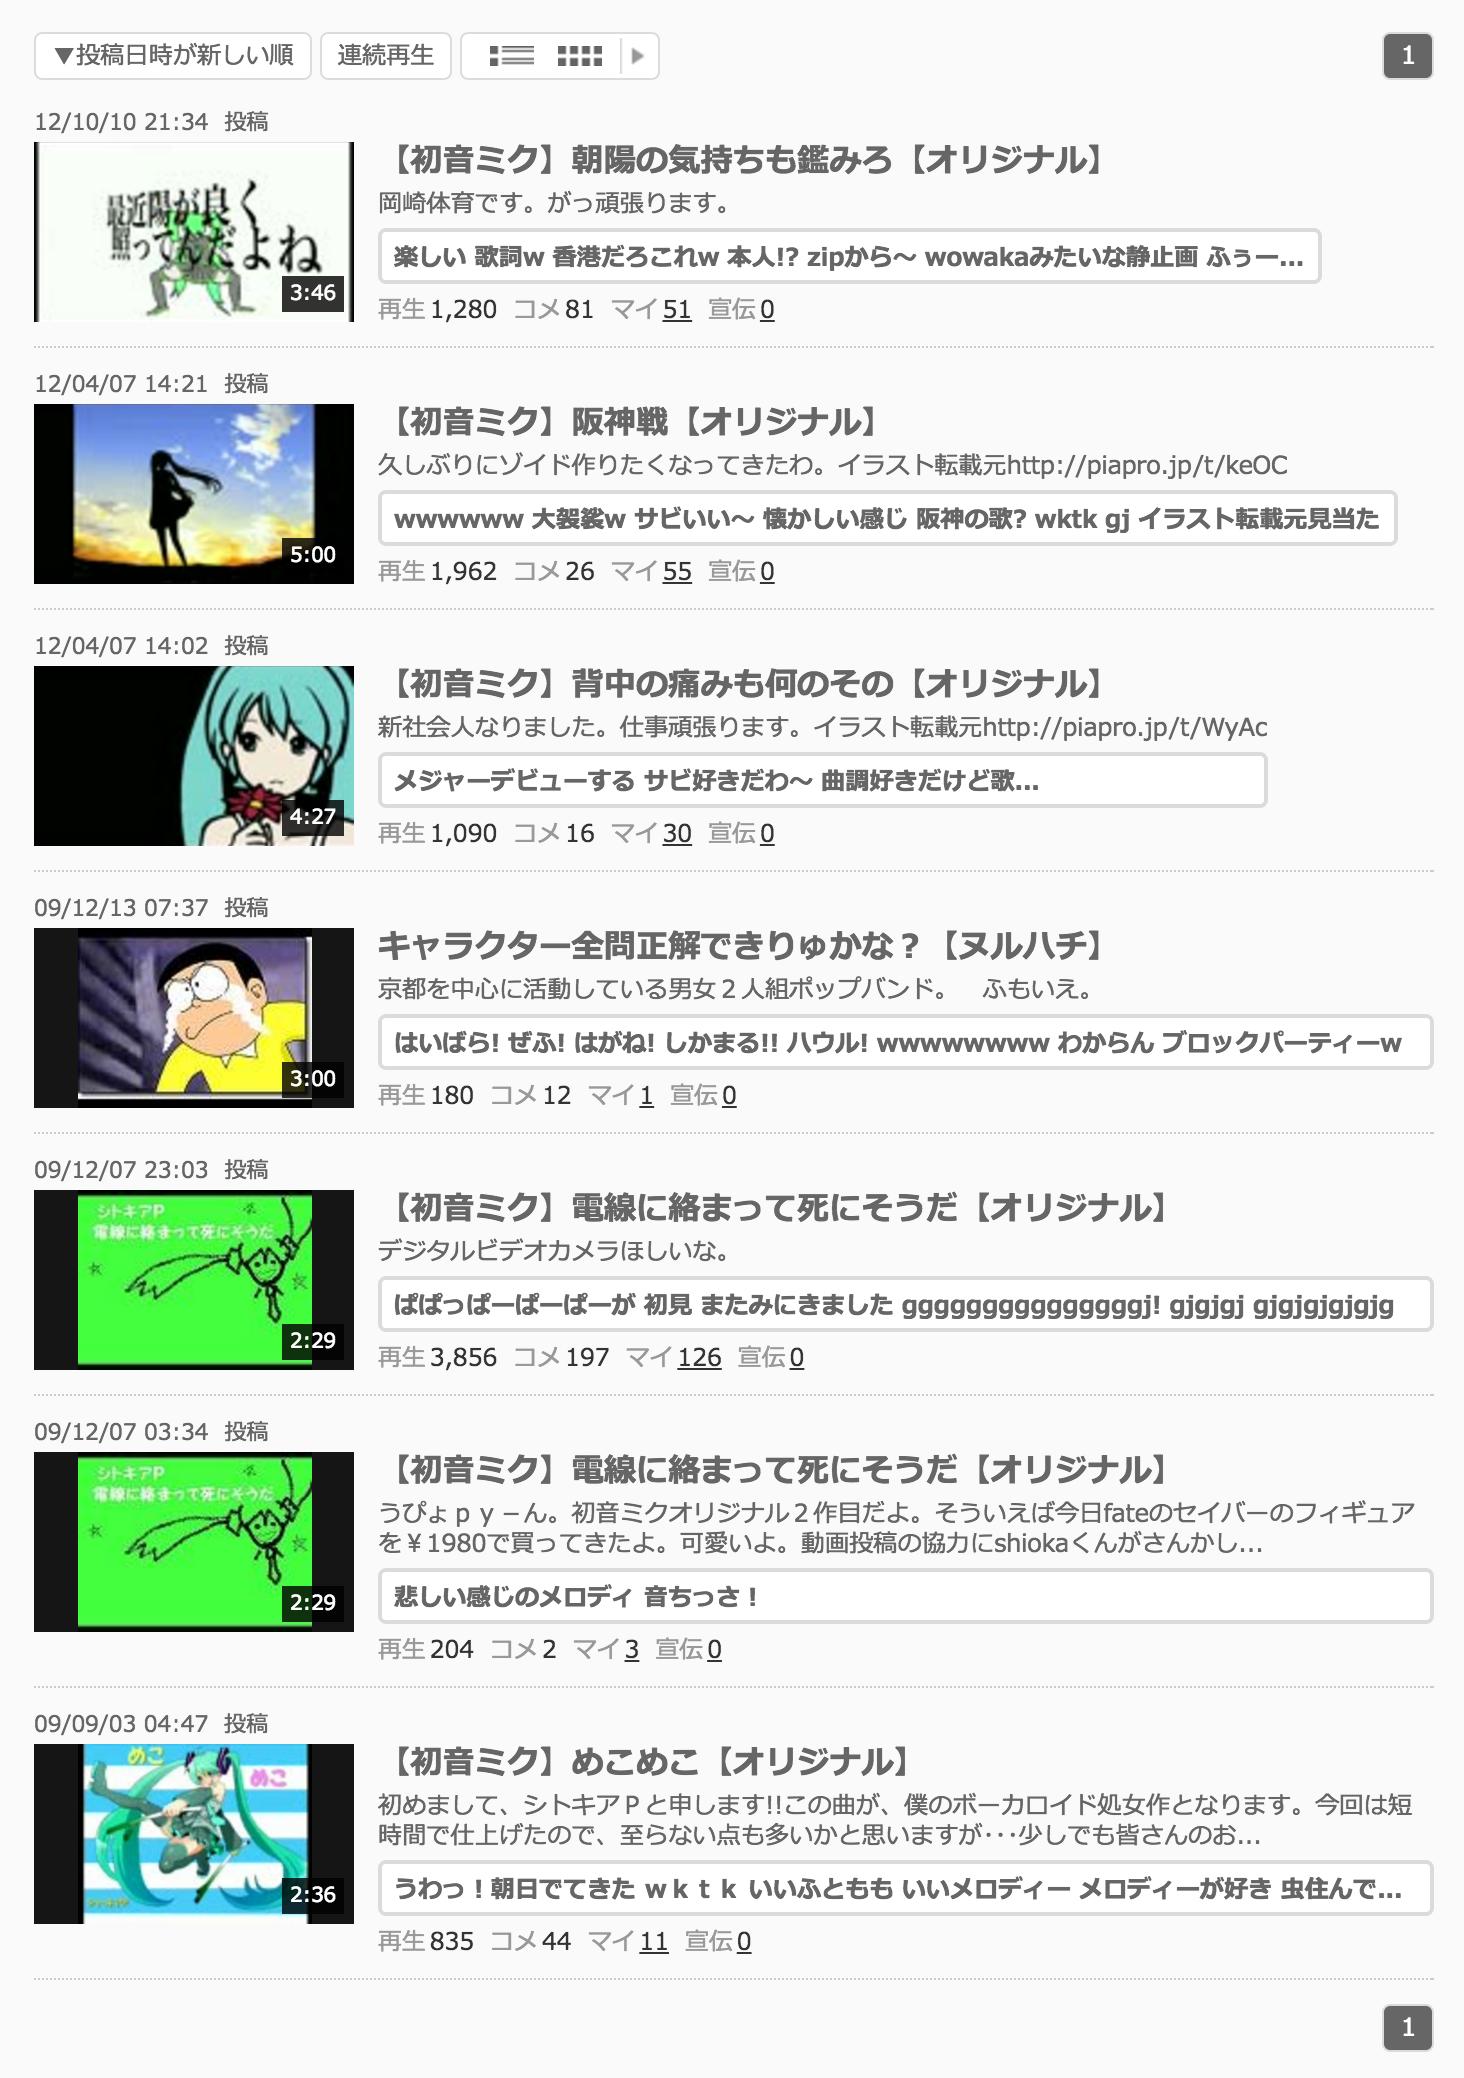 okazaki_2